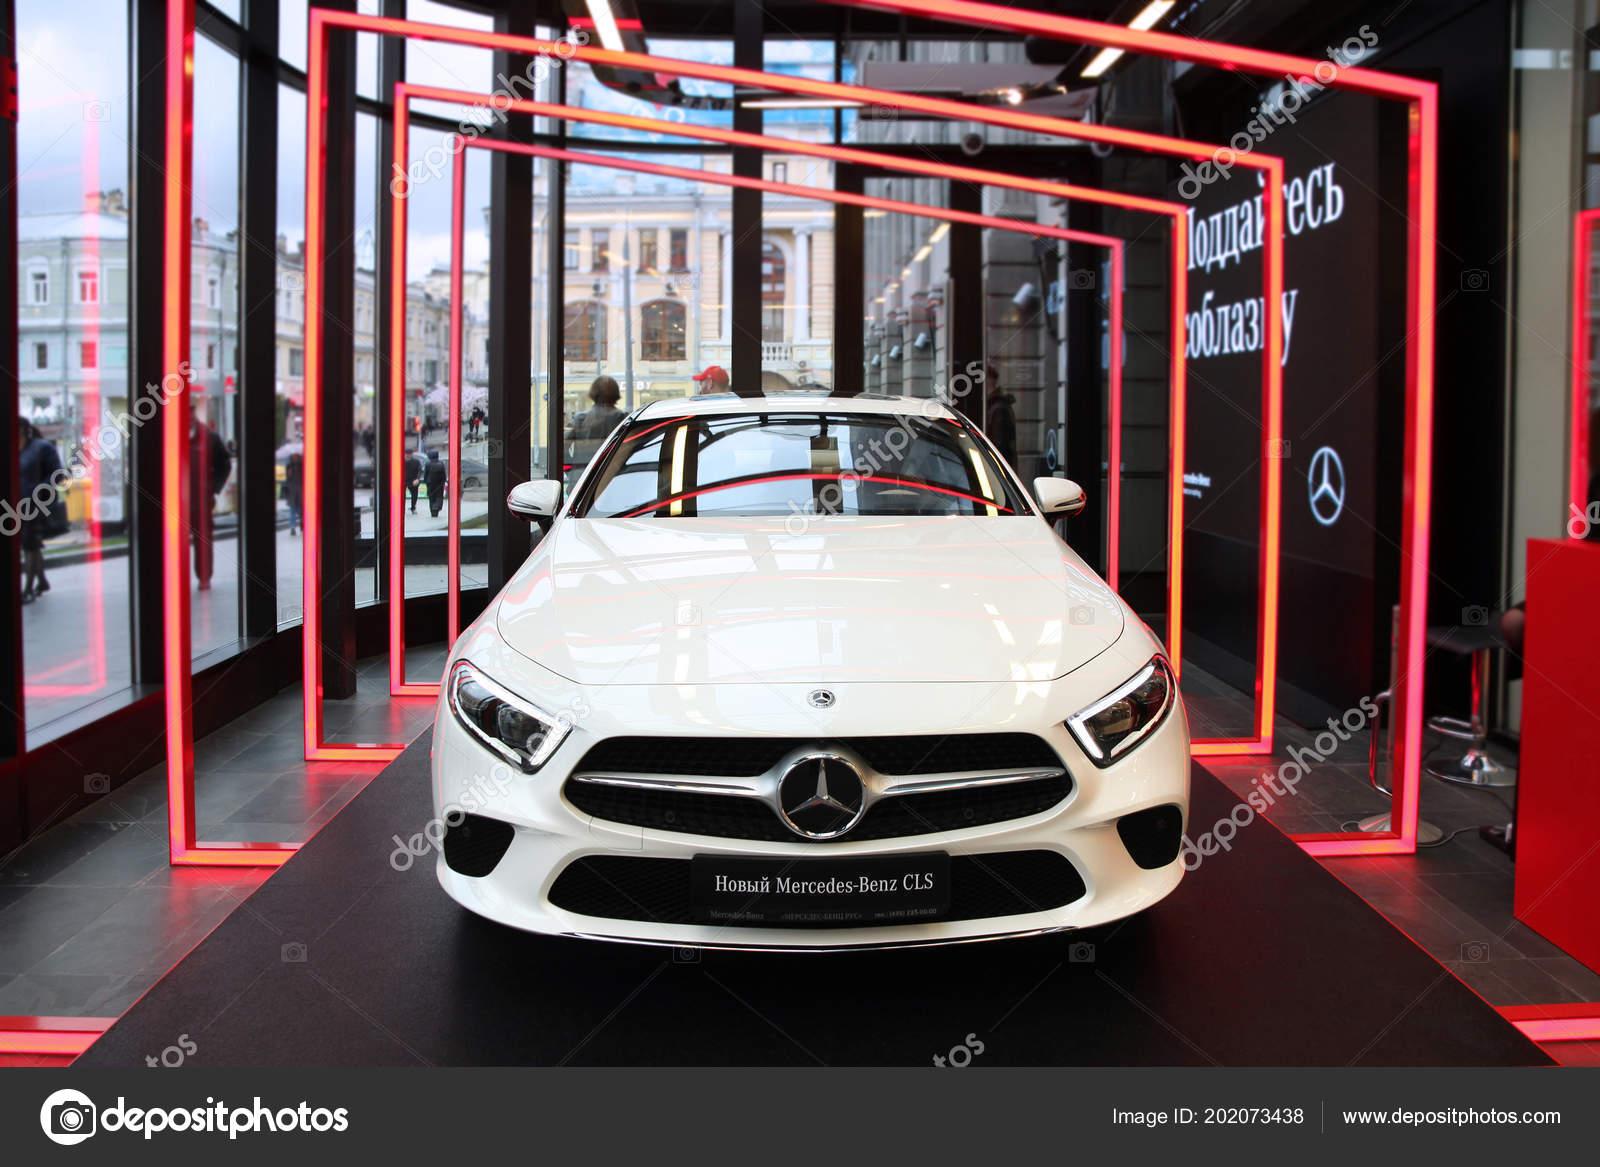 New Car Mercedes Benz Gls Moscow Tsum 2018 U2014 Fotografia De Stock